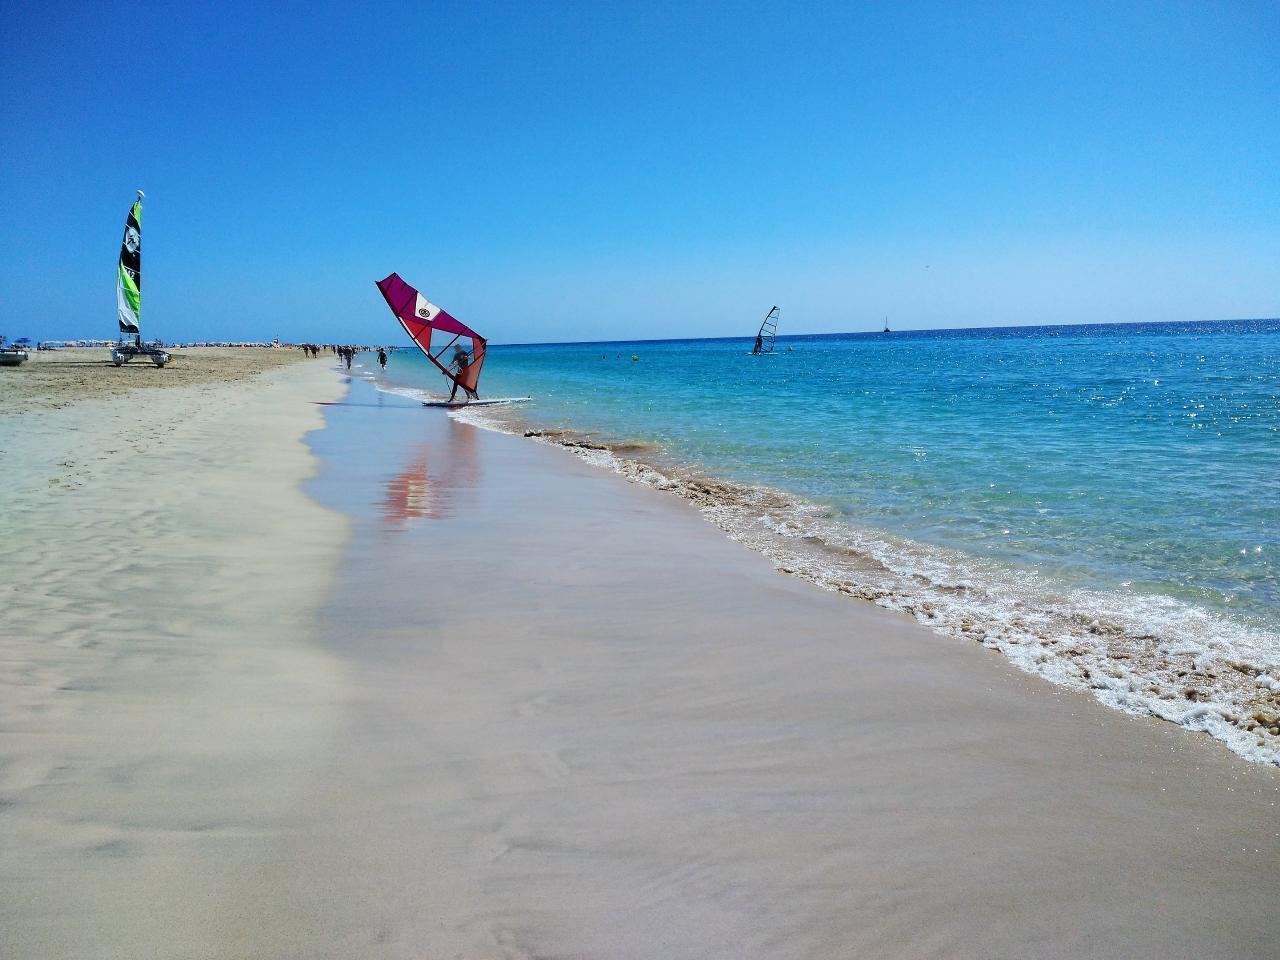 Ferienwohnung Apartment 2 / 4er Direkt am Meer, mit Blick auf den Strand, Schwimmbäder, ausgestattet. WI (634890), Morro Jable, Fuerteventura, Kanarische Inseln, Spanien, Bild 25